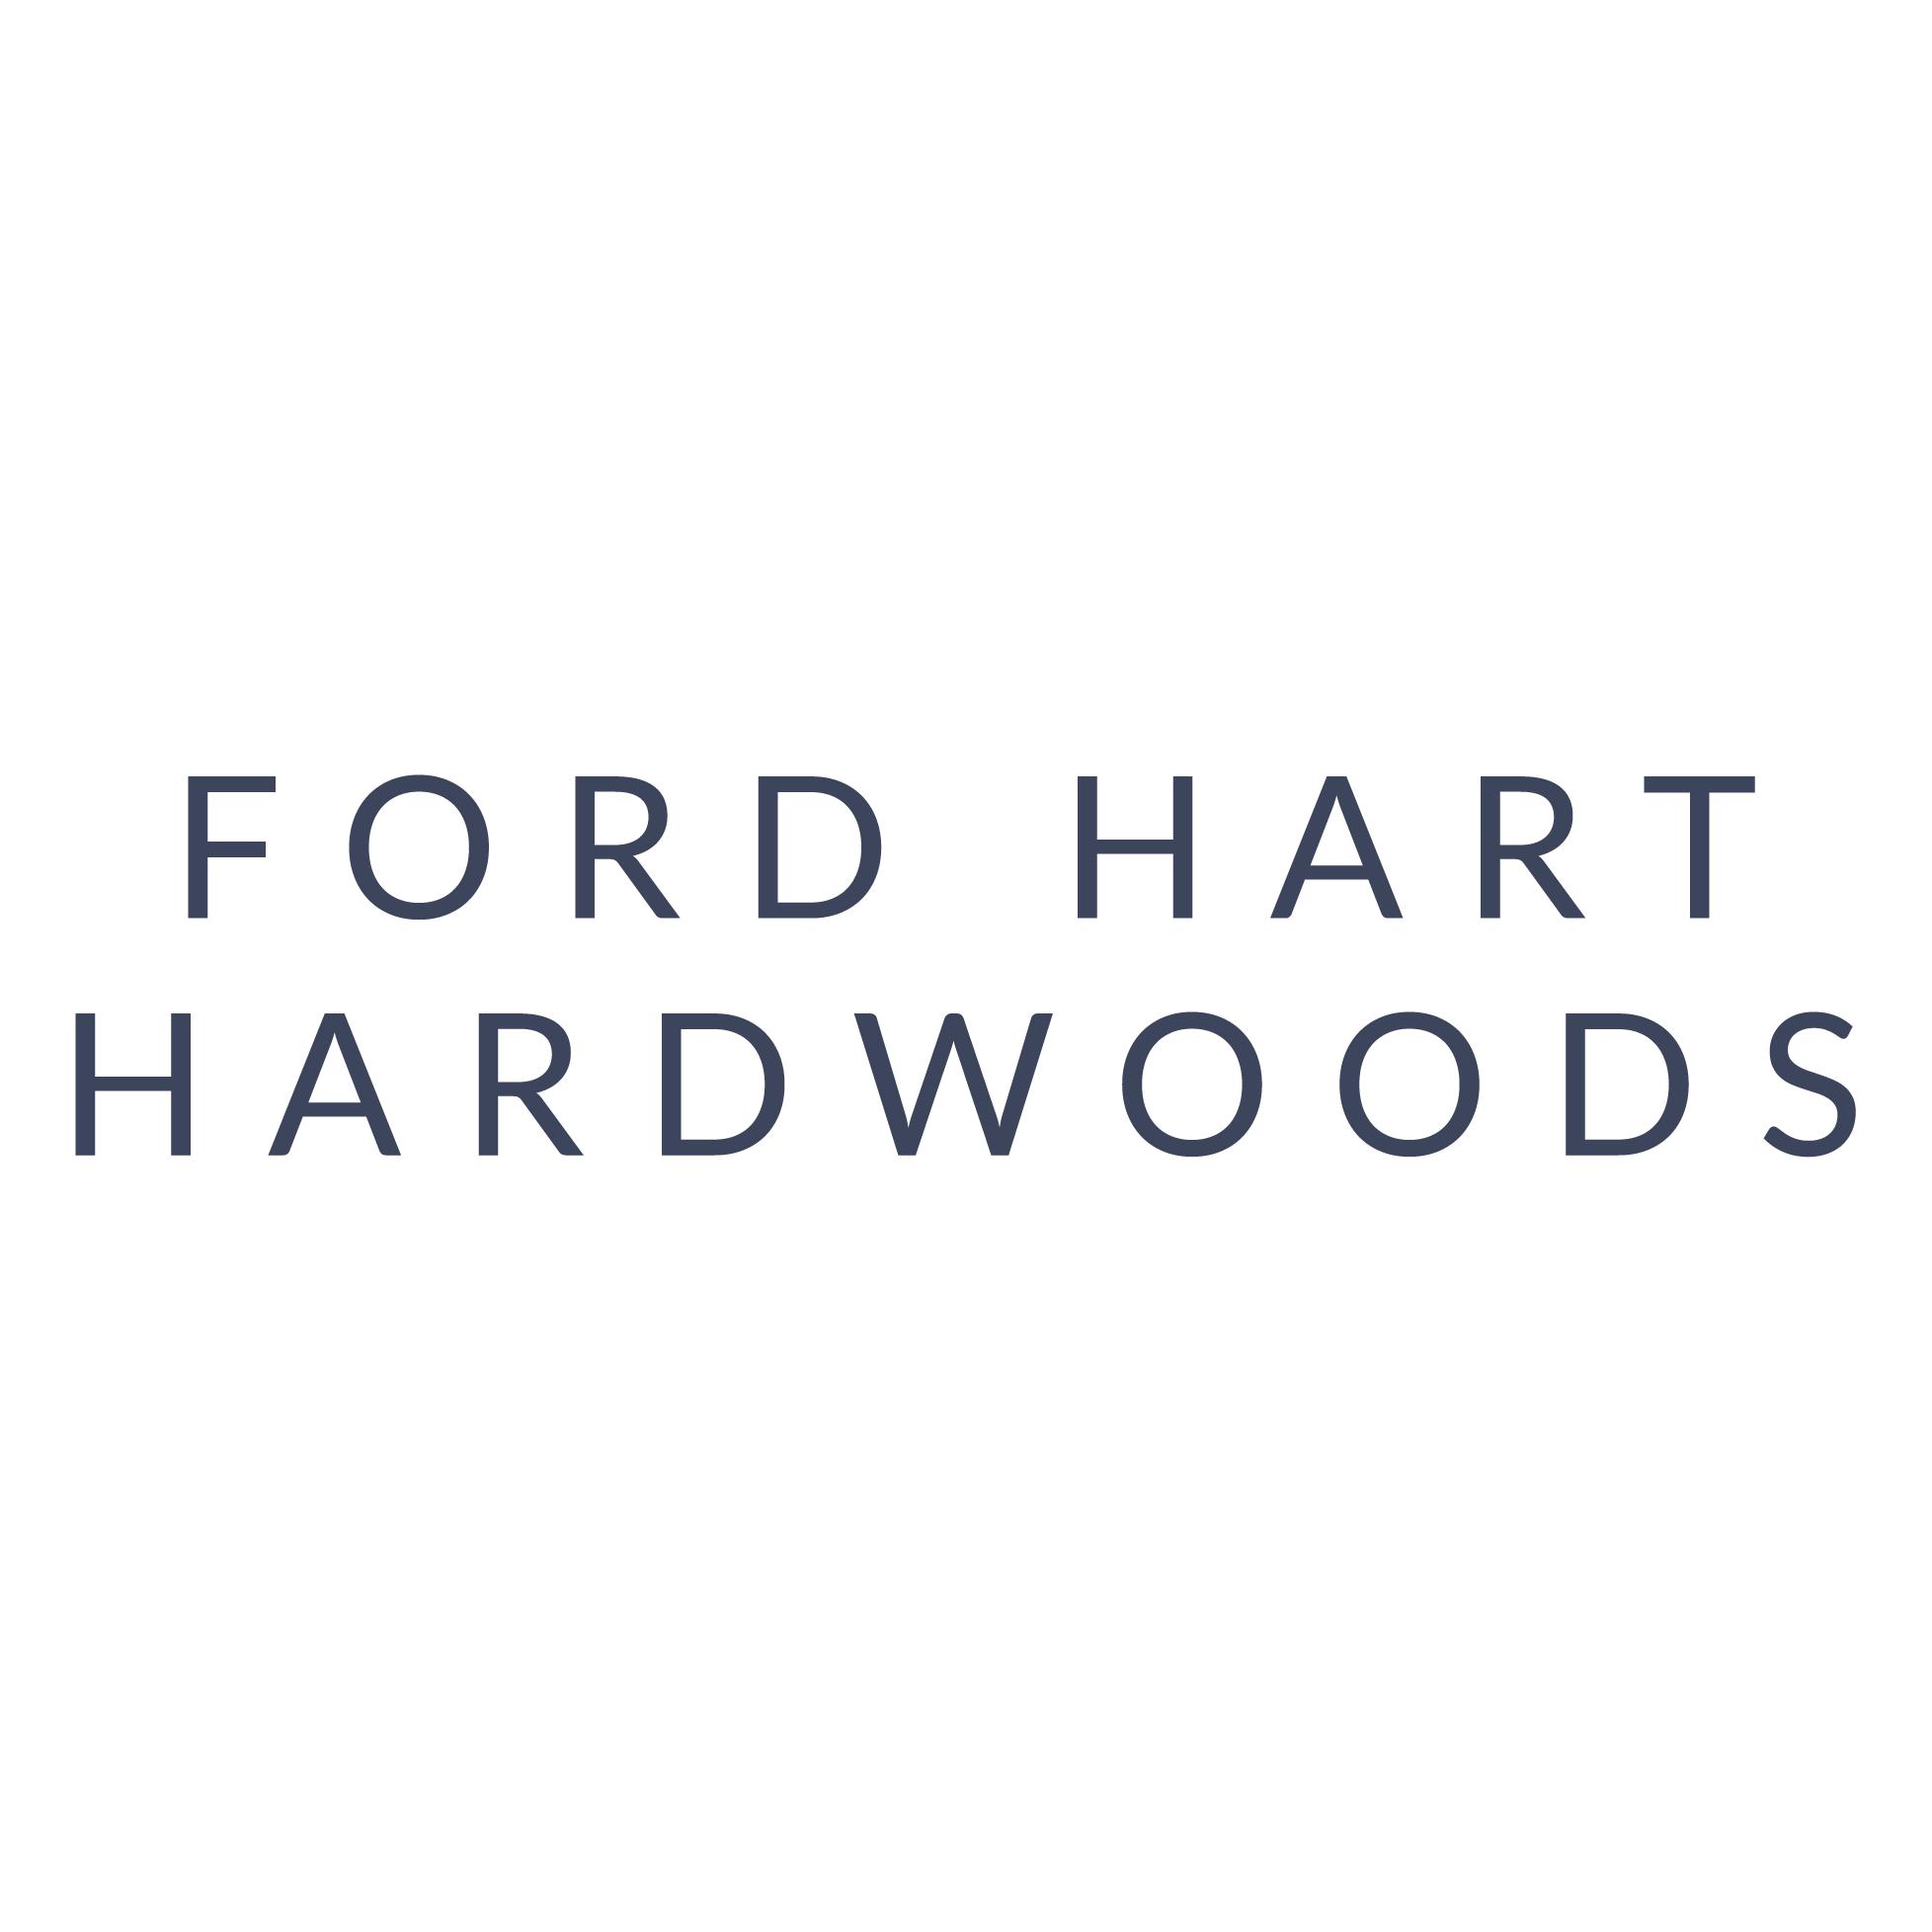 Ford Hart Hardwoods